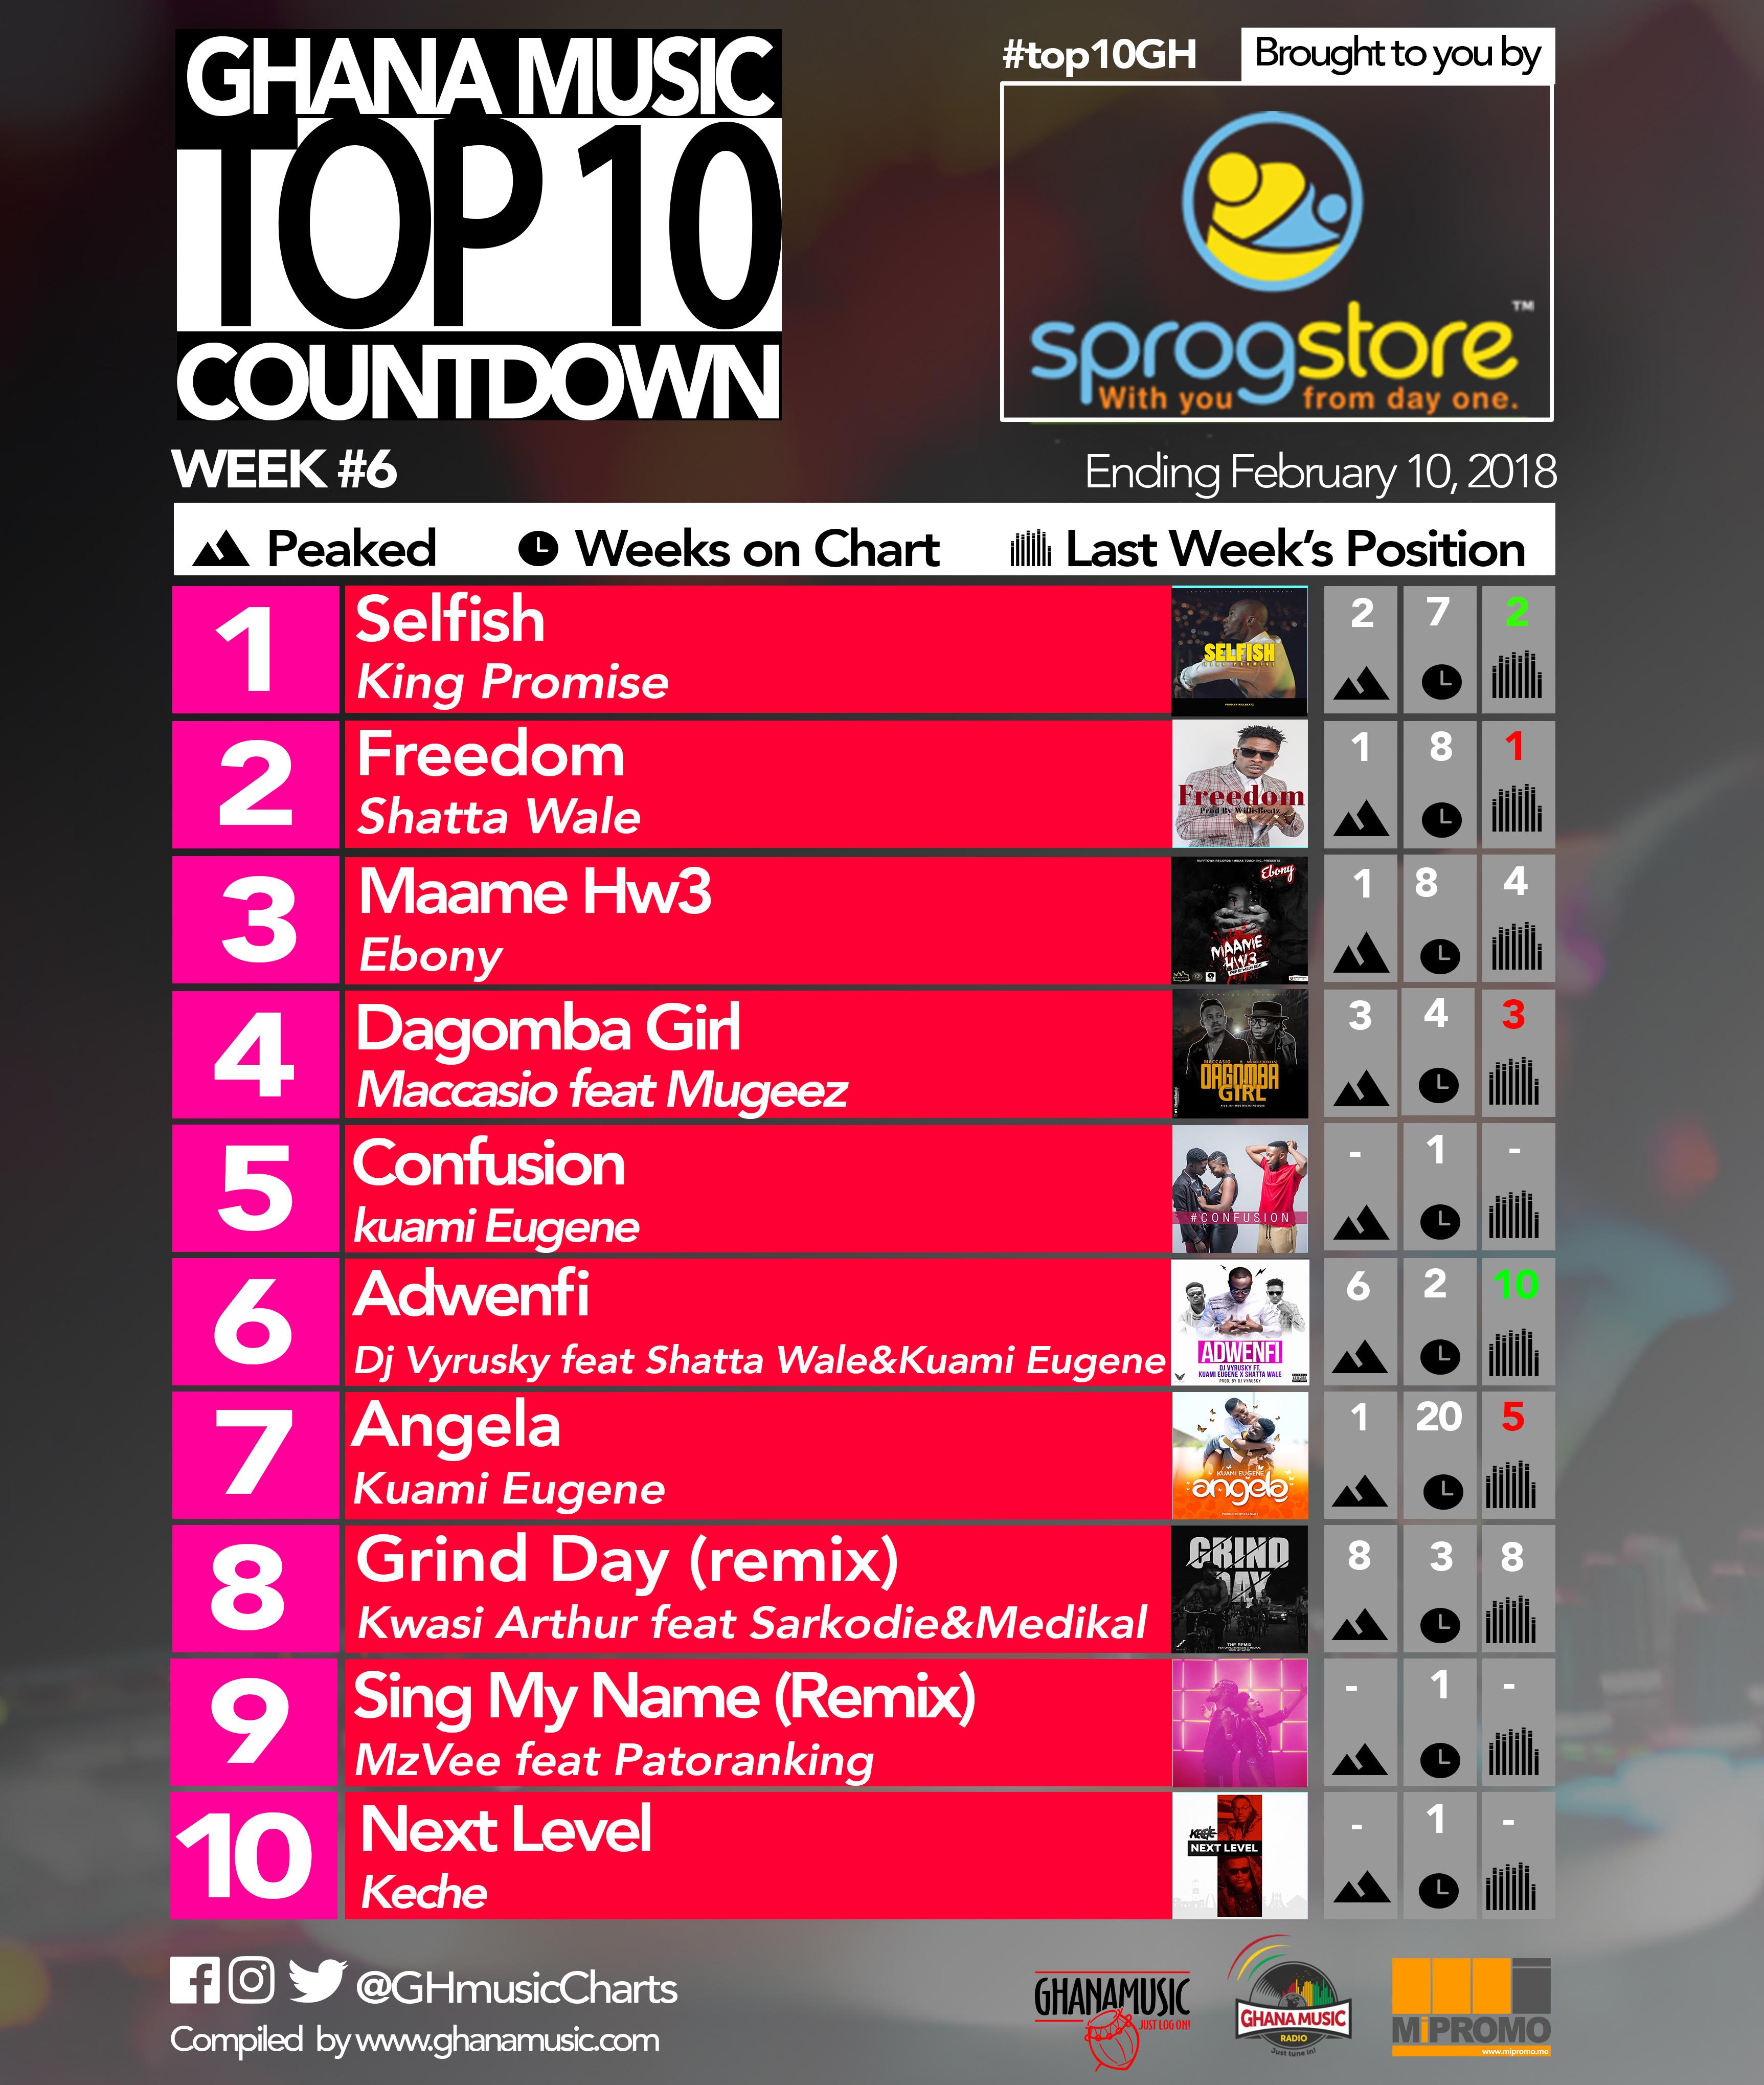 Week #6: Ghana Music Top 10 Countdown